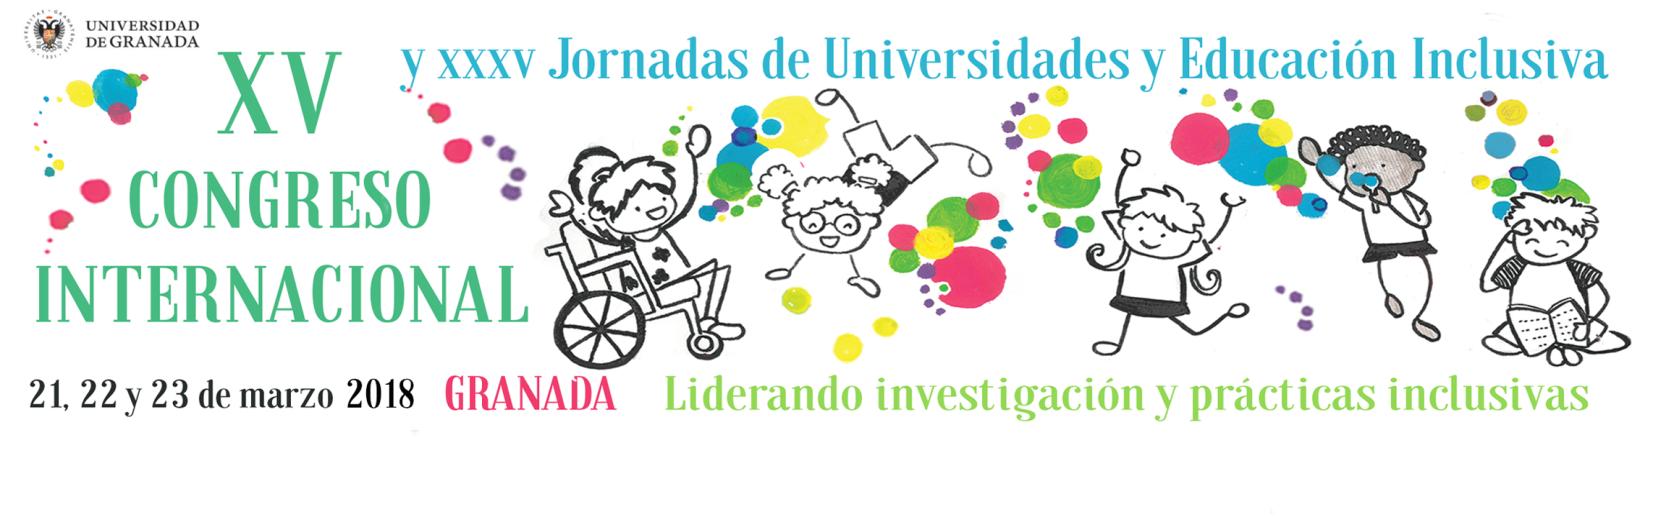 cartel de l XV cONGRESO INTERNACIONAL Y XXXVJORNADAS DE UNIVERSIDADES Y EDUCACION INCLUSIVA